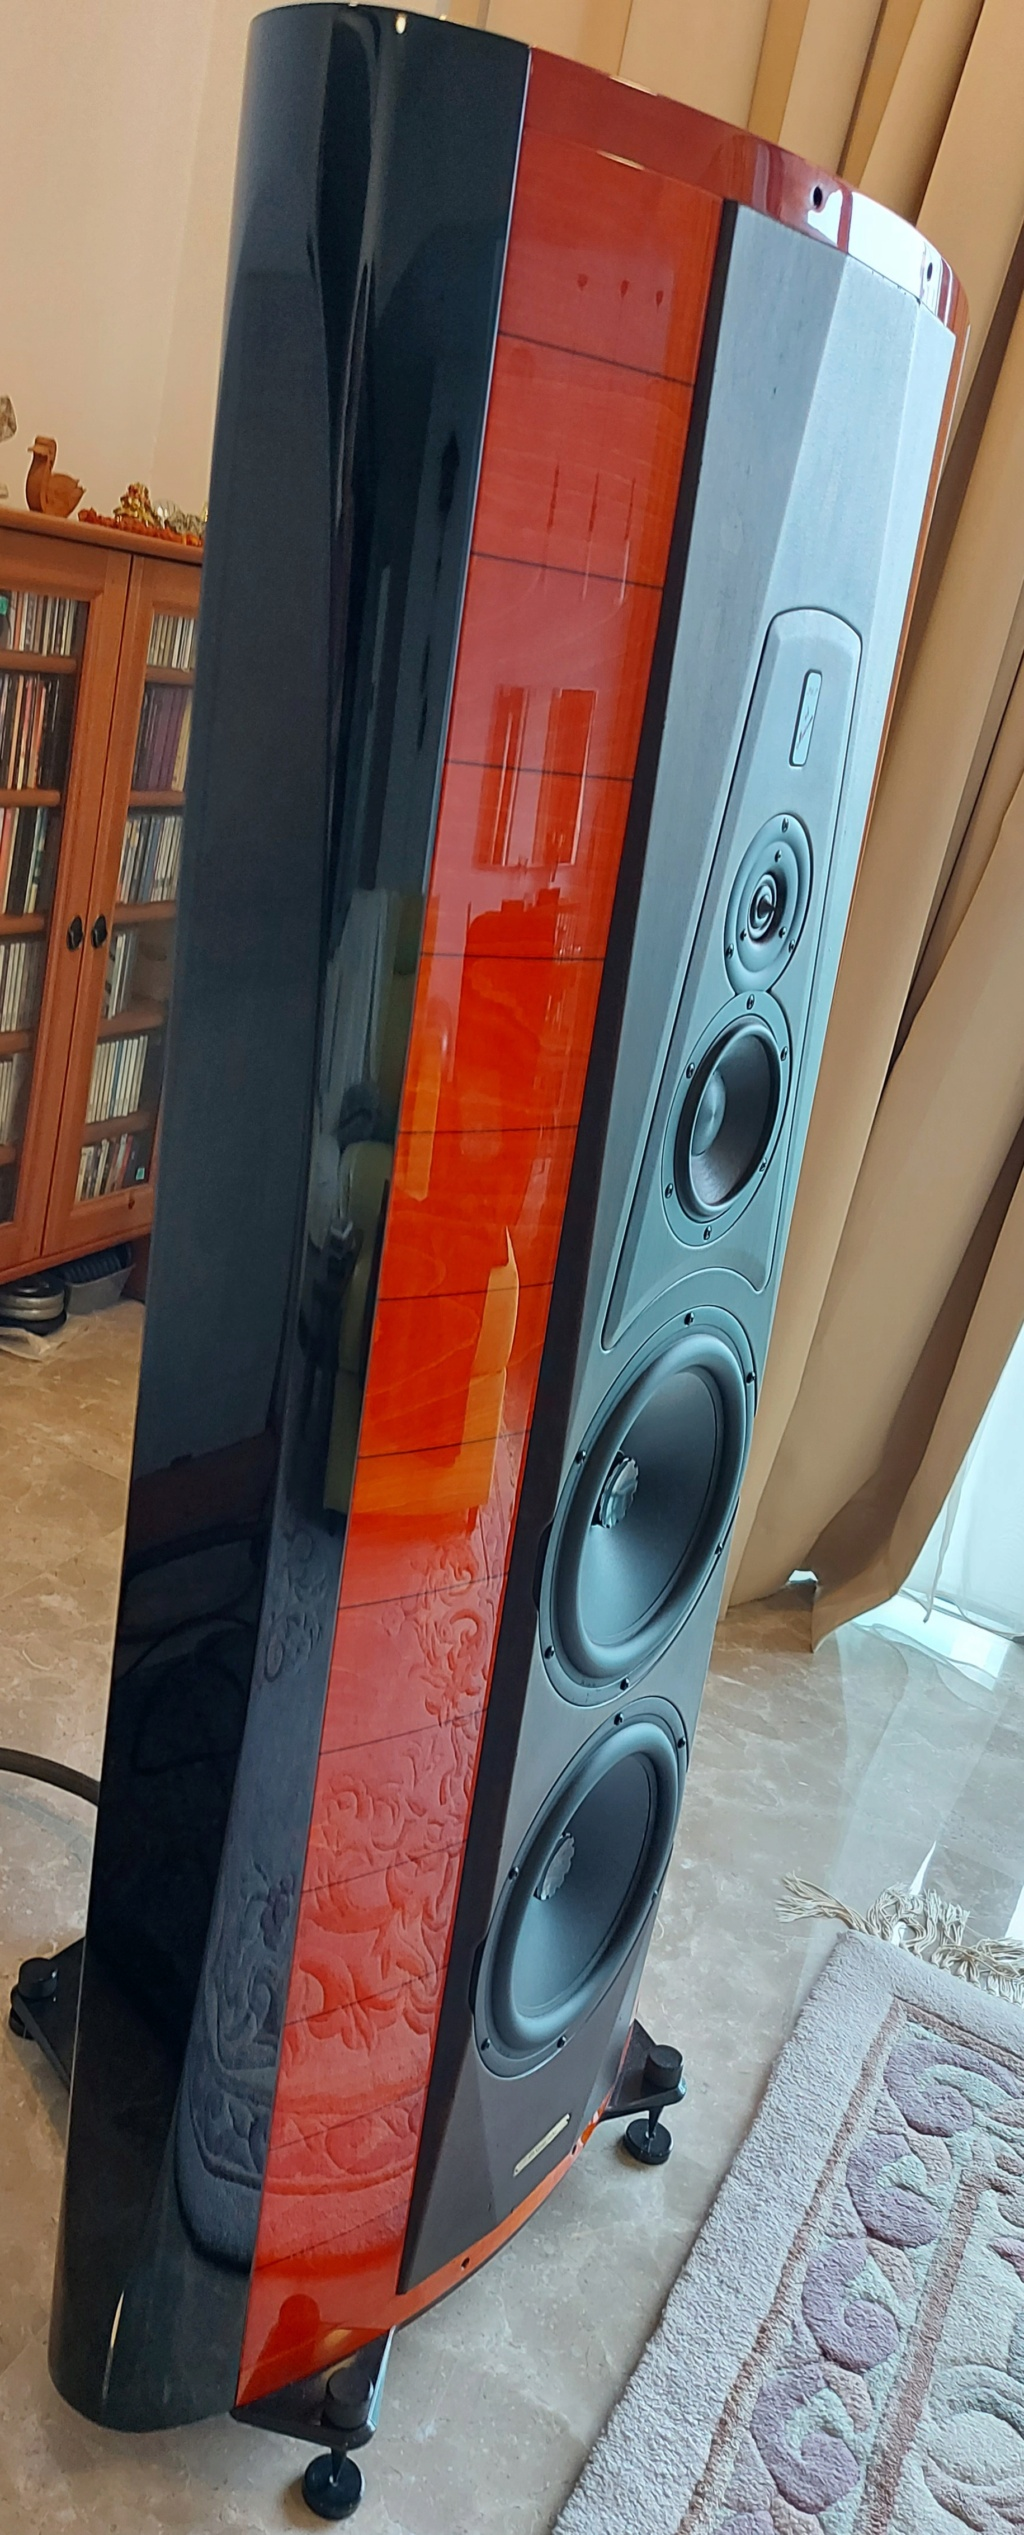 Sonus Faber Stradivari Homage Speakers (Used) A210